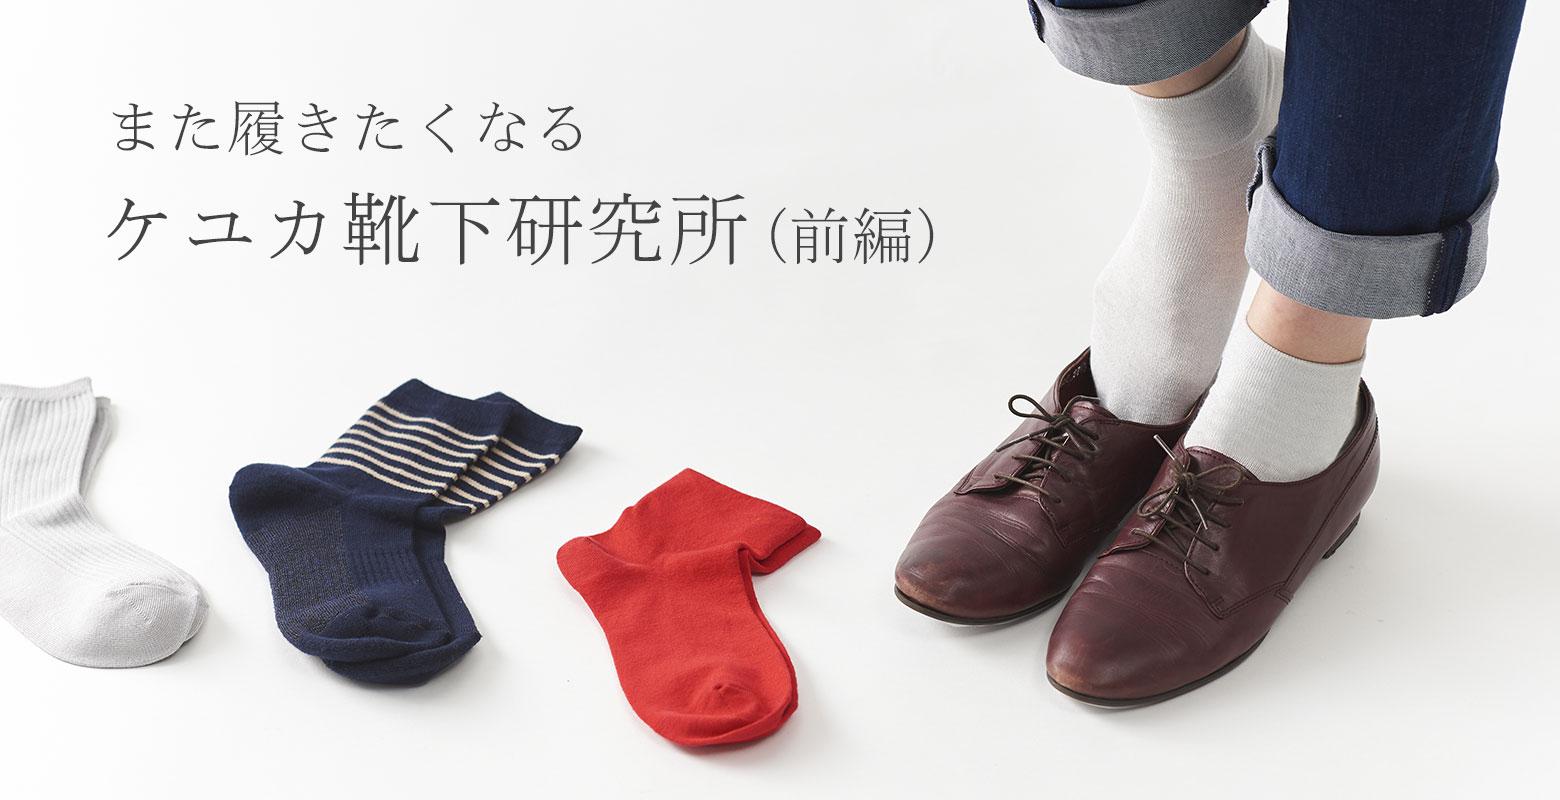 ケユカ靴下研究所(前編)